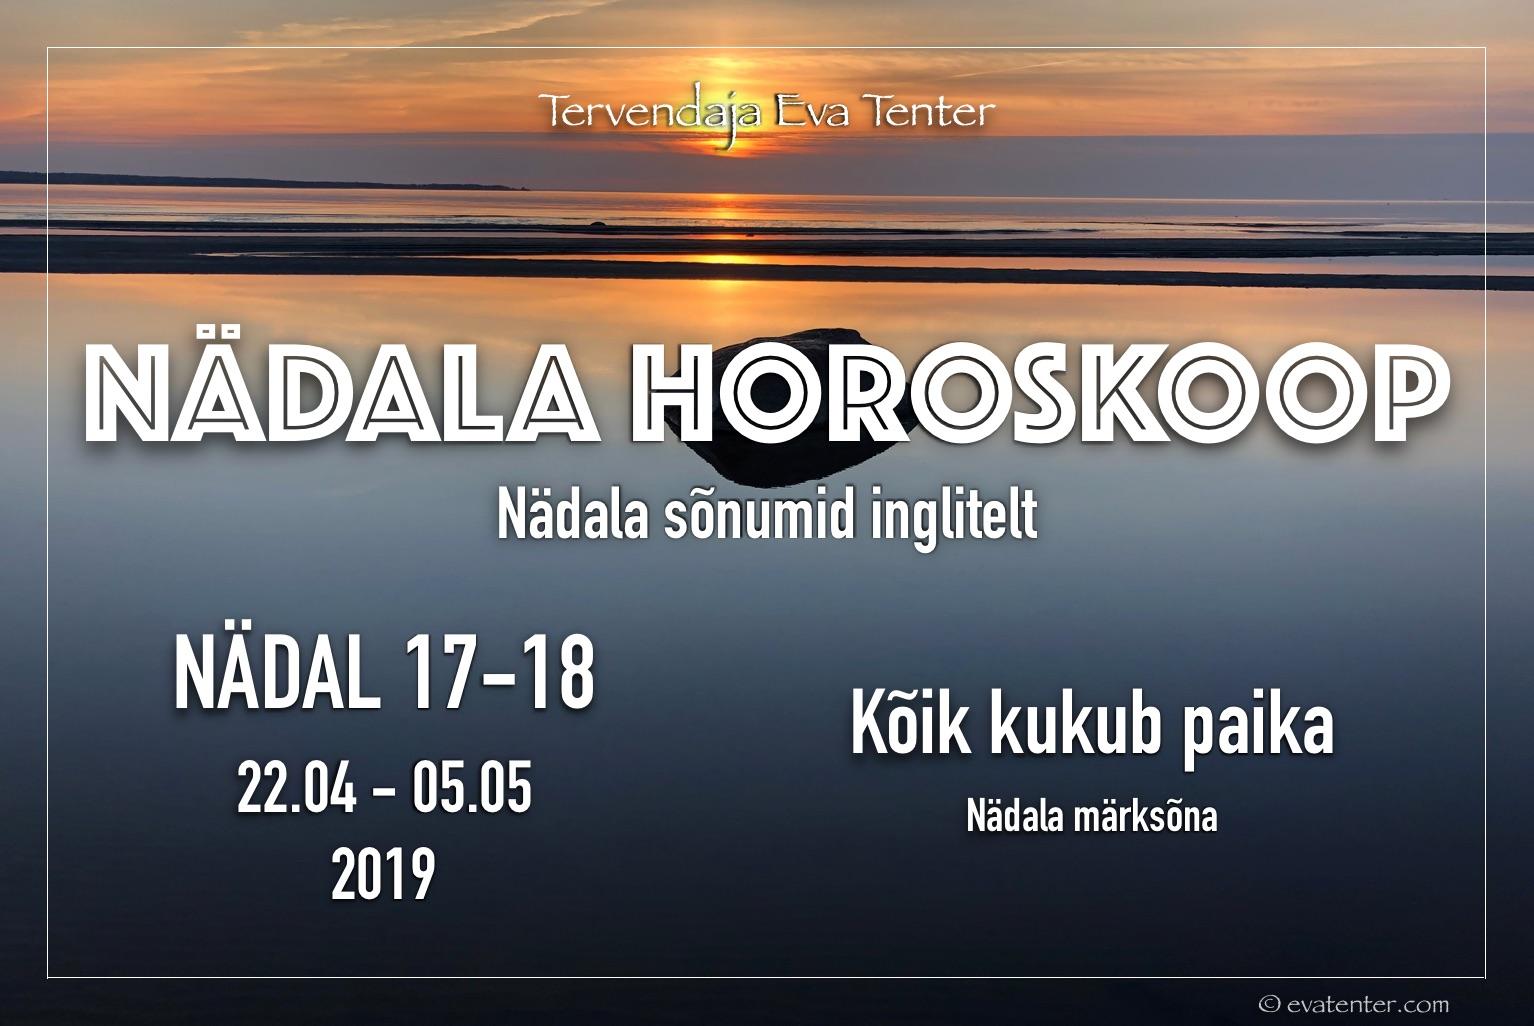 Nädala horoskoop 22.04-05.05.2019